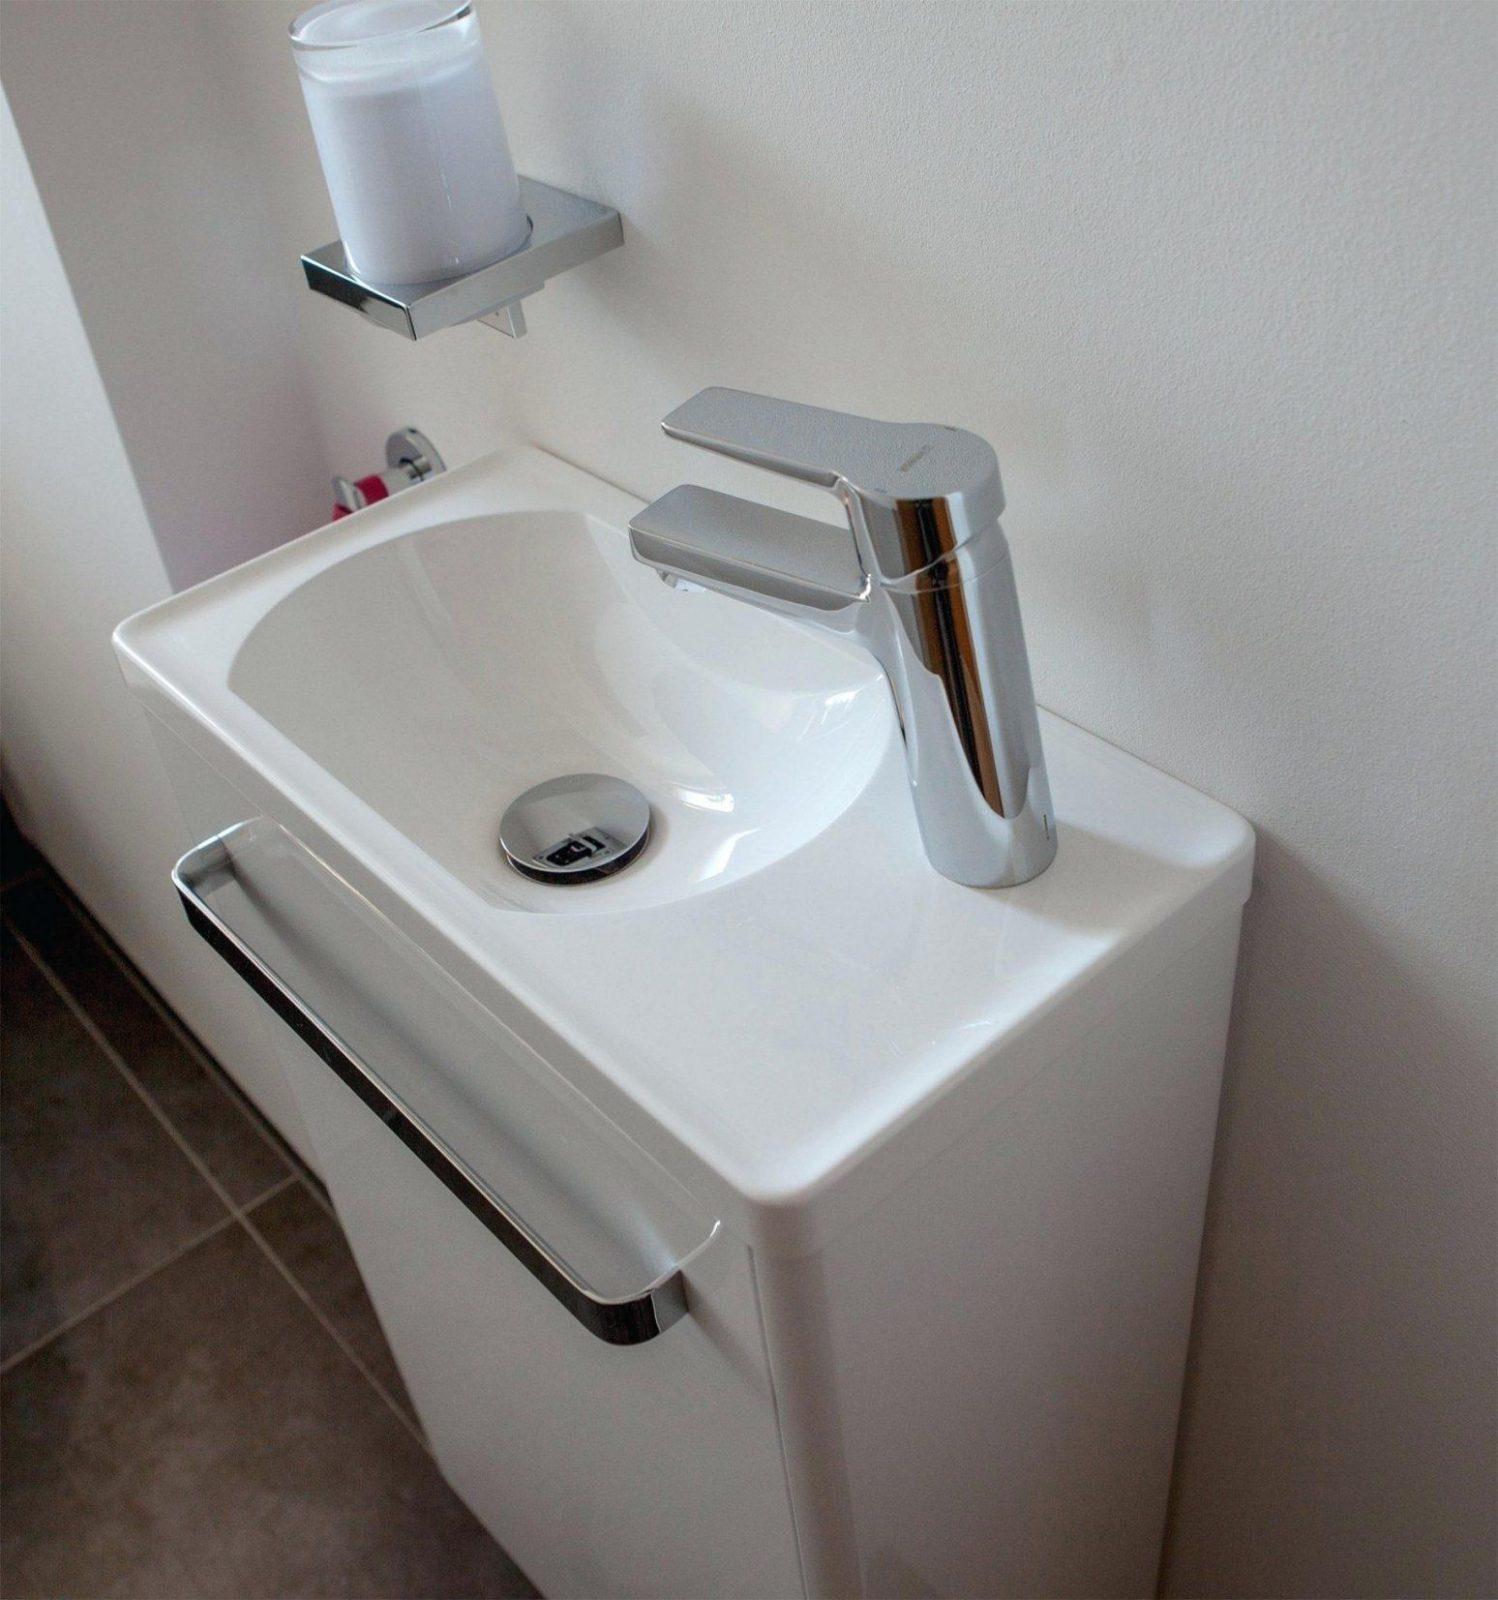 Luxuriös Waschtisch Mit Unterschrank Bei Obi Cm Und Avec Gäste Wc von Wc Waschtische Mit Unterschrank Photo